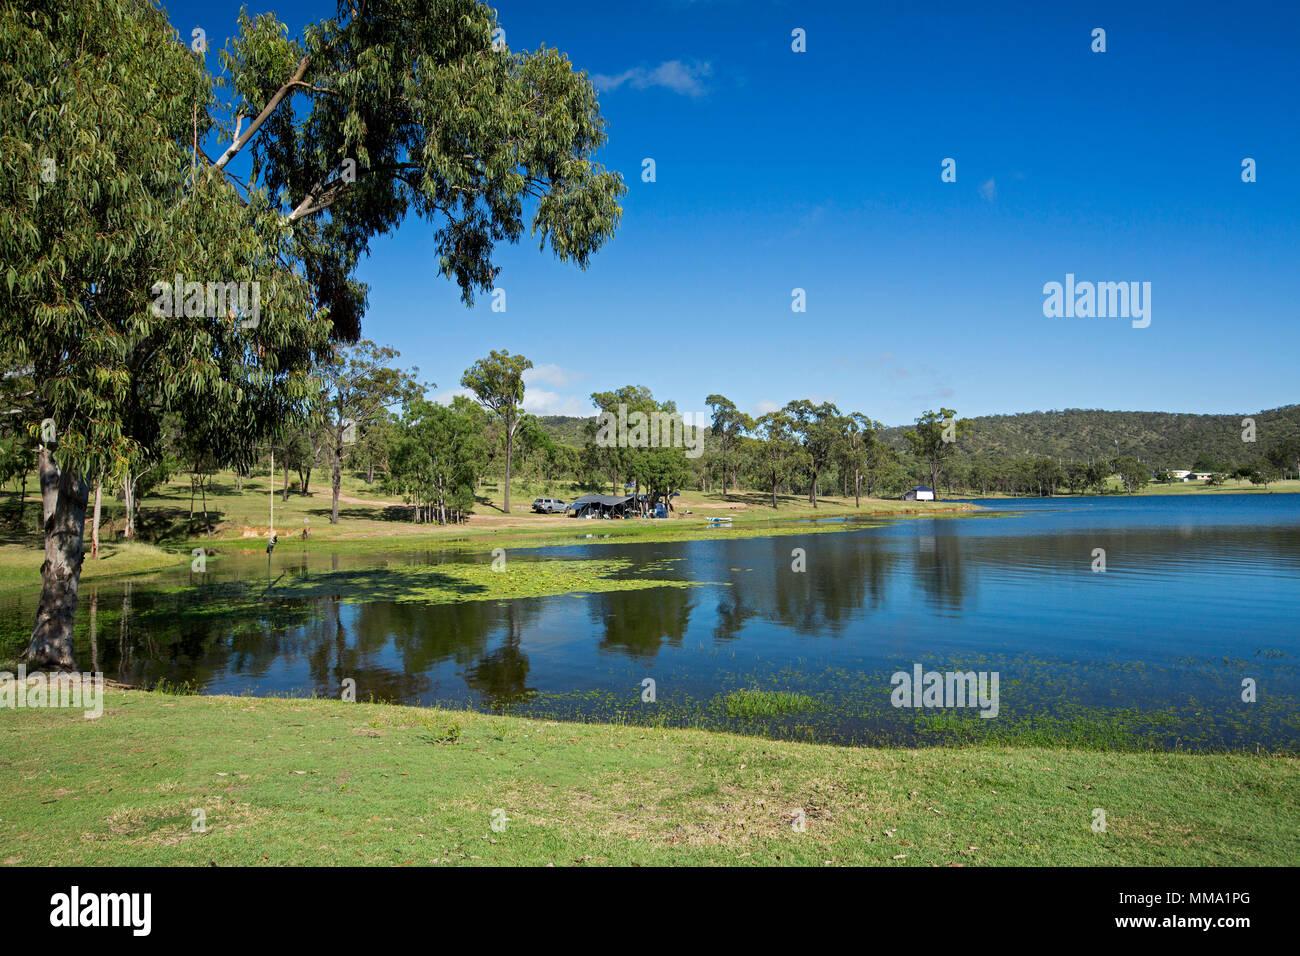 Bunte Landschaft mit ruhigen blauen Wasser des Eungalla dam gesäumt von Emerald grass & Beschattung Bäume unter blauem Himmel mit Camper auf entfernte Bank 016 Aust Stockbild